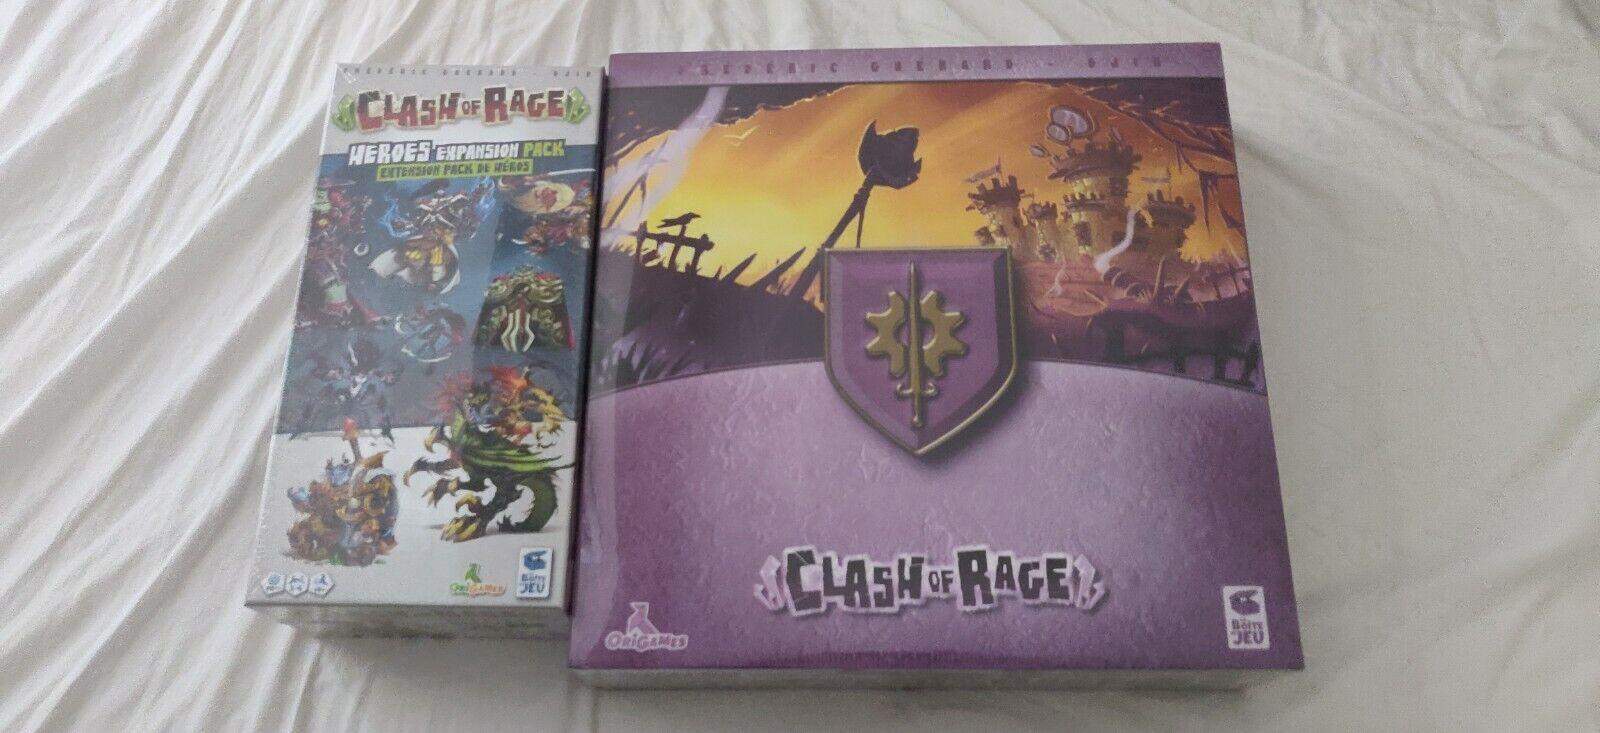 Clash of Rage Juego De Mesa + héroes exclusivo paquete de expansión-KickEstrellater